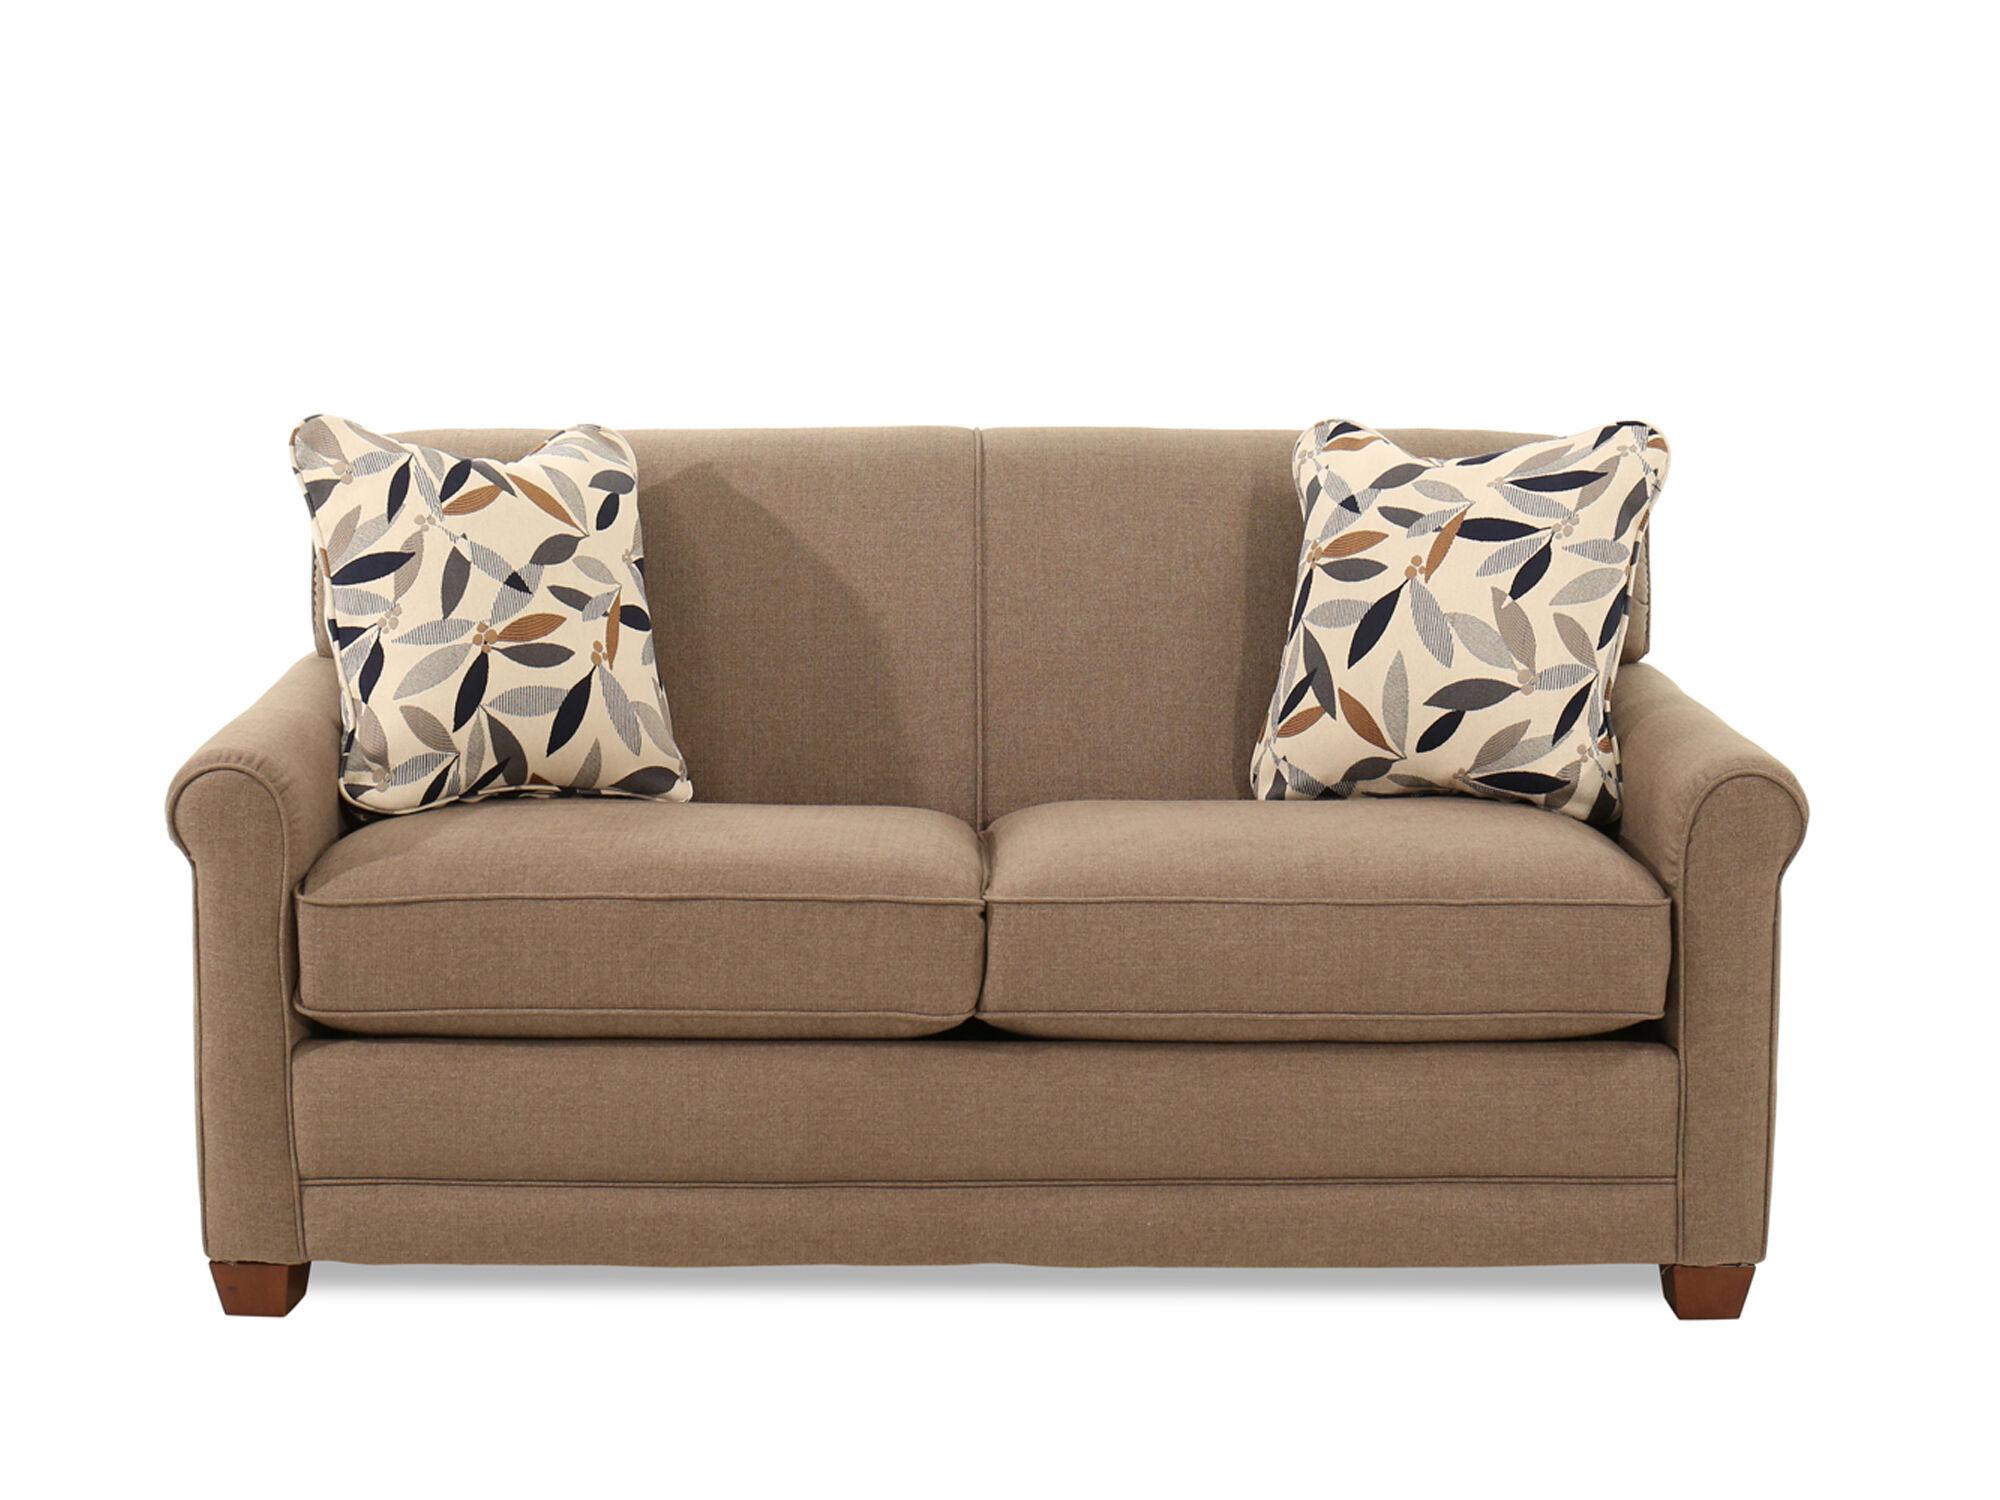 Traditional 71u0026quot; Full Sleeper Sofa ...